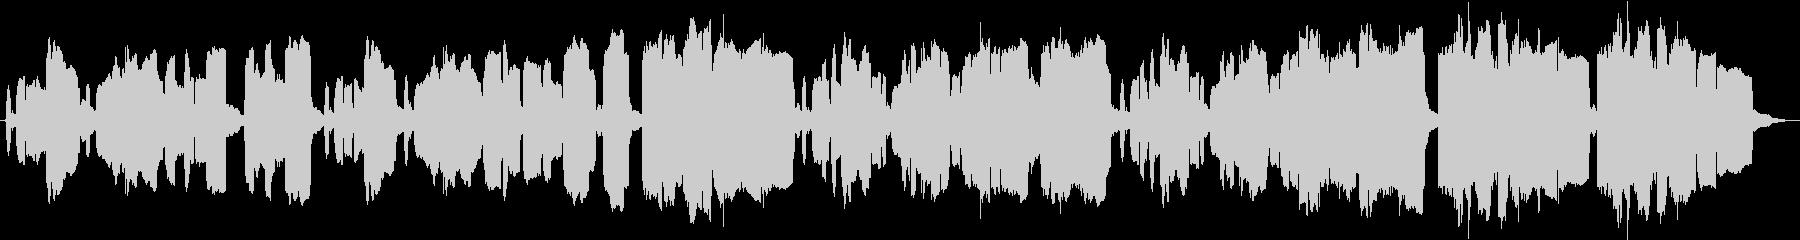 リコーダーでもの悲しく表現した短い曲の未再生の波形